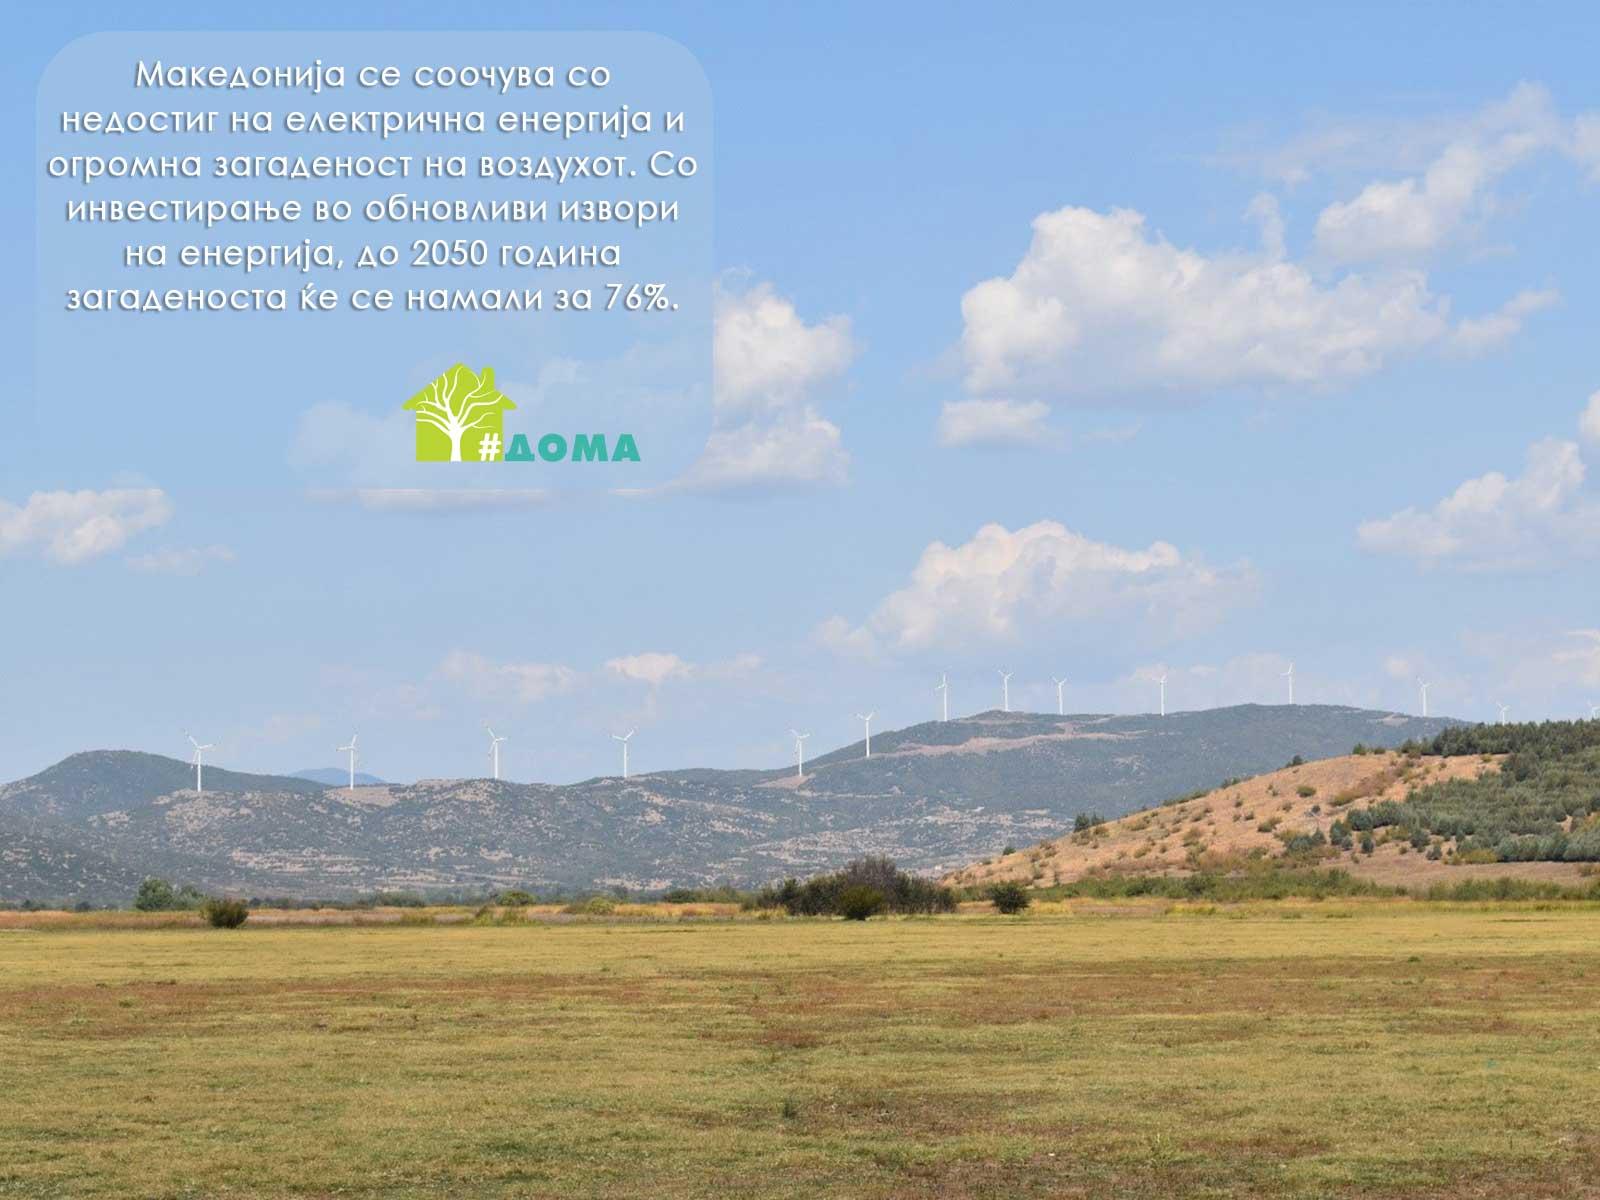 Veternici Makedonija e energetski zavisna